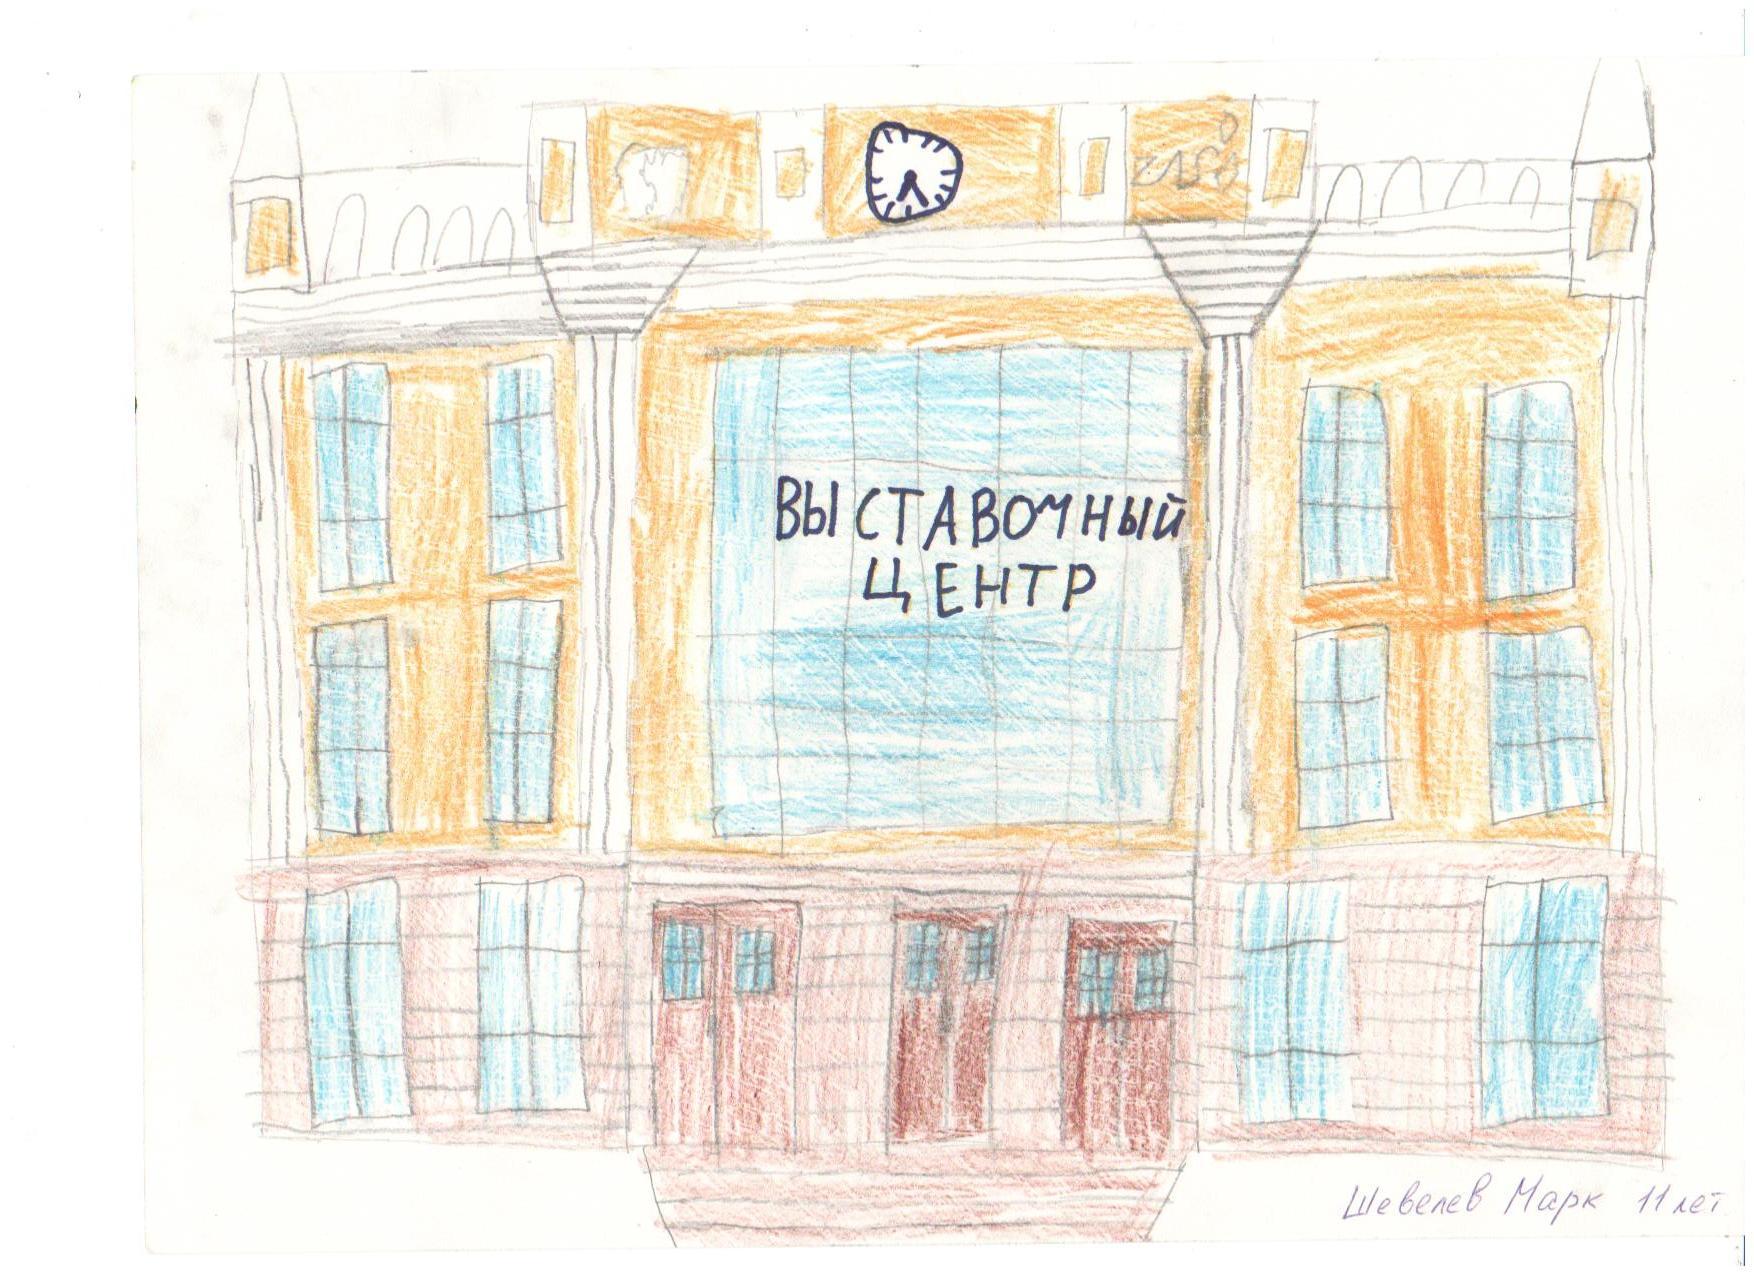 Шевелёв Марк 3 МЕСТО в конкурсе рисунков ко Дню города 2015 среди участников в возрасте от 11 до 17